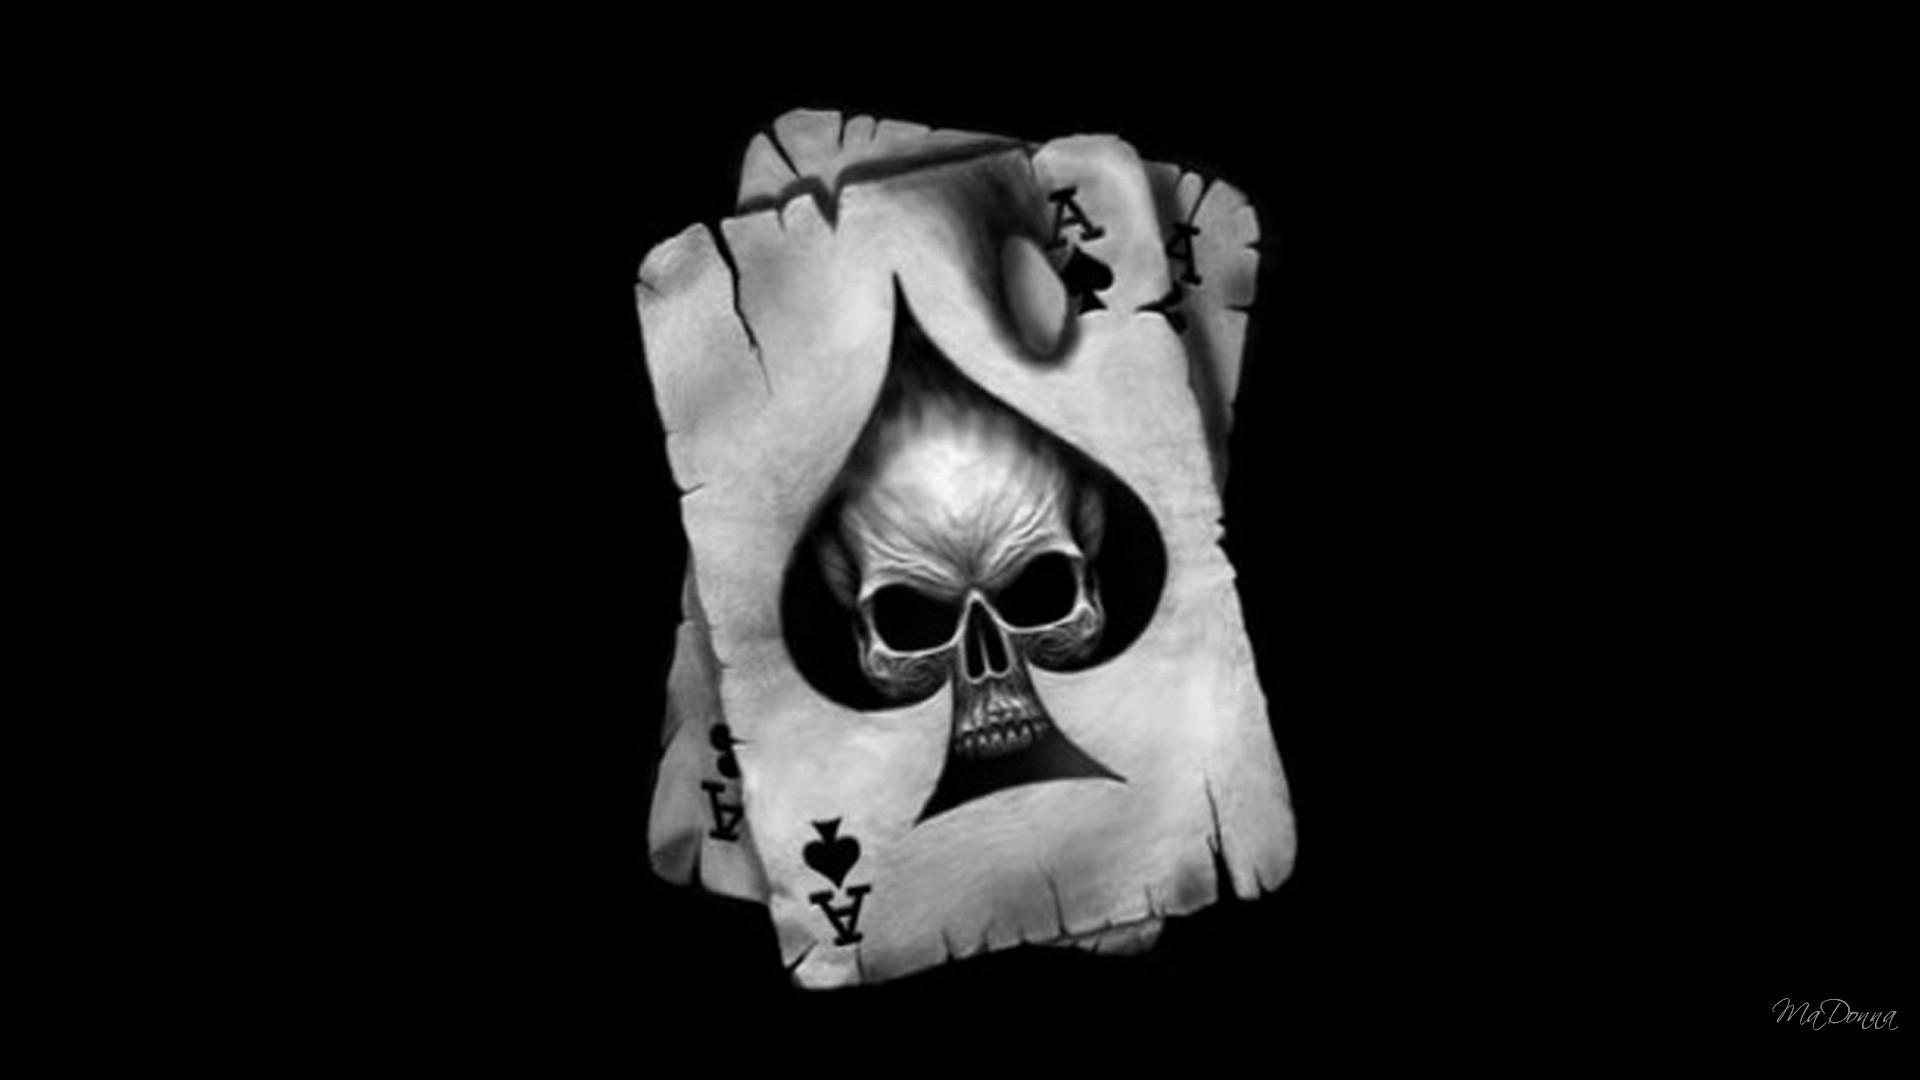 48 Hd Skull Wallpapers 1080p On Wallpapersafari